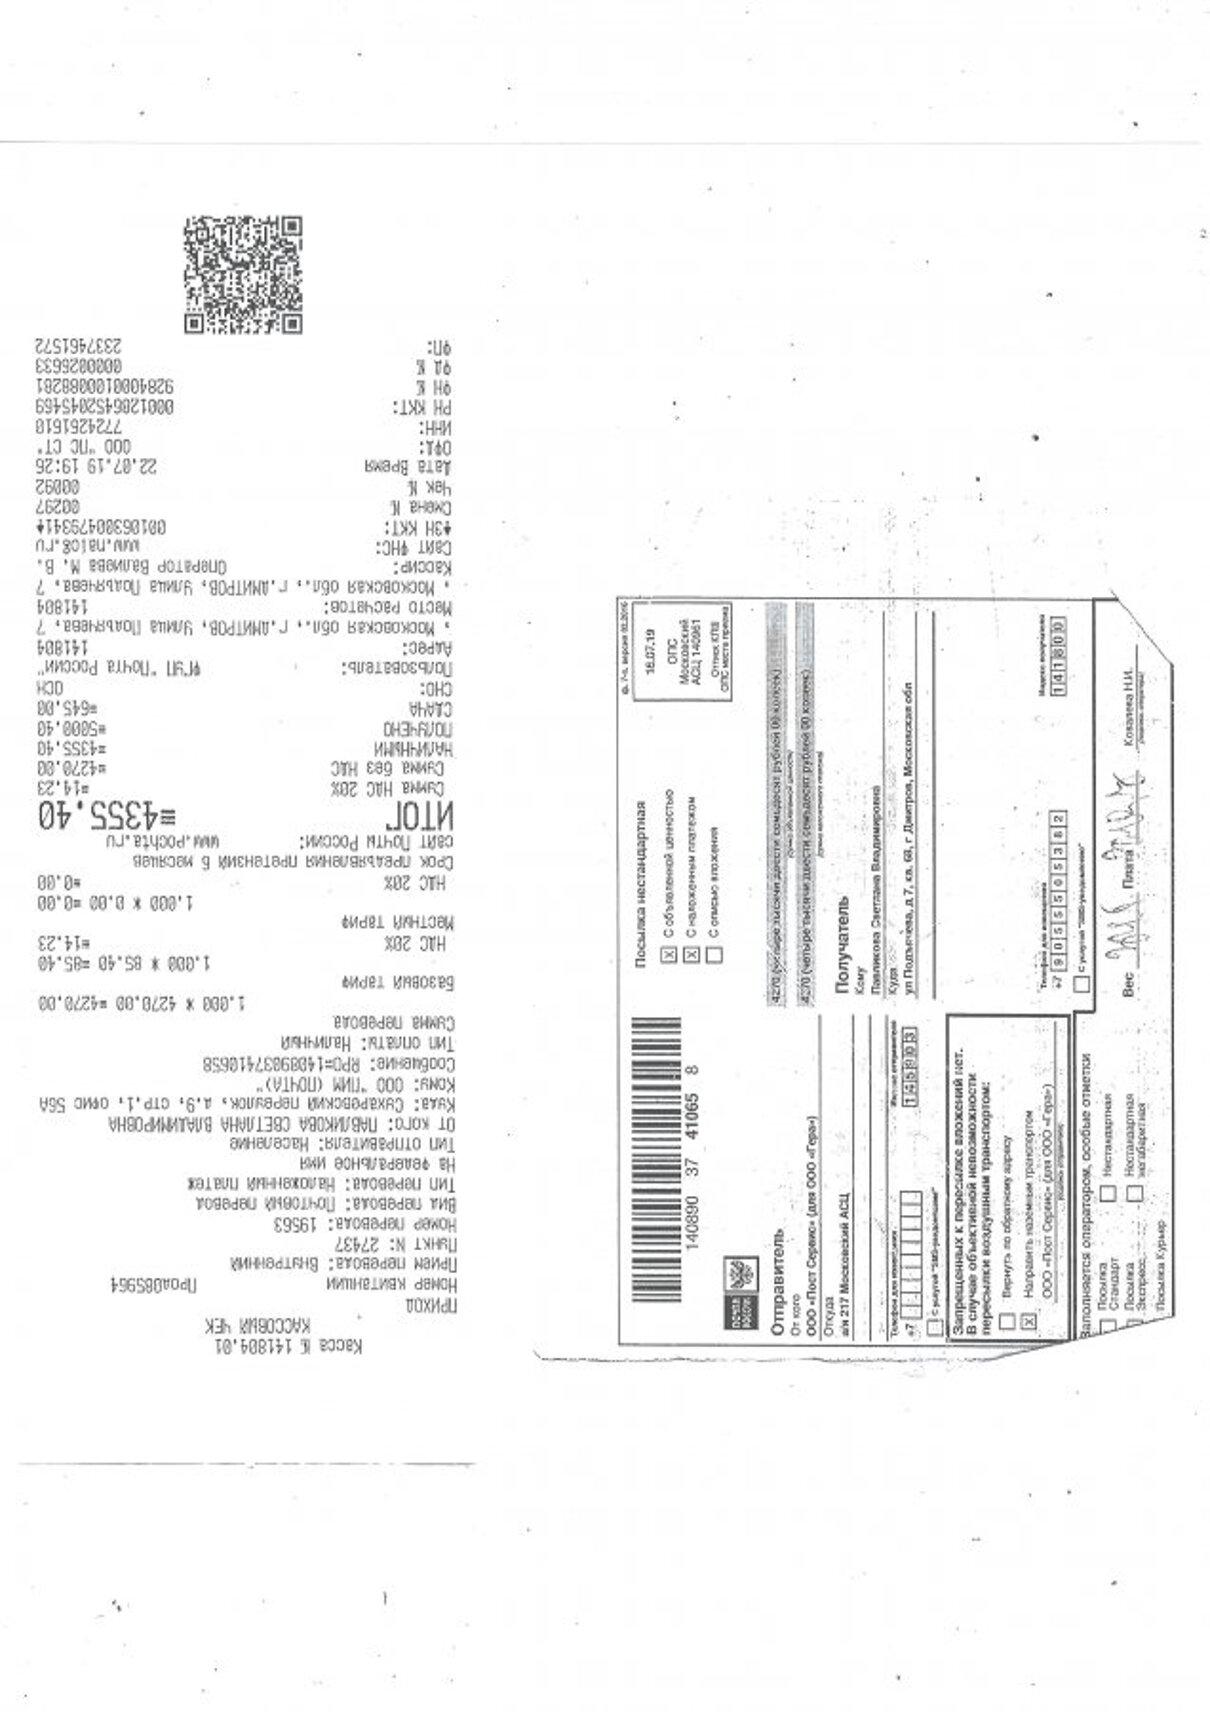 Жалоба-отзыв: ООО ПИМ( почта) - Вернуть деньги